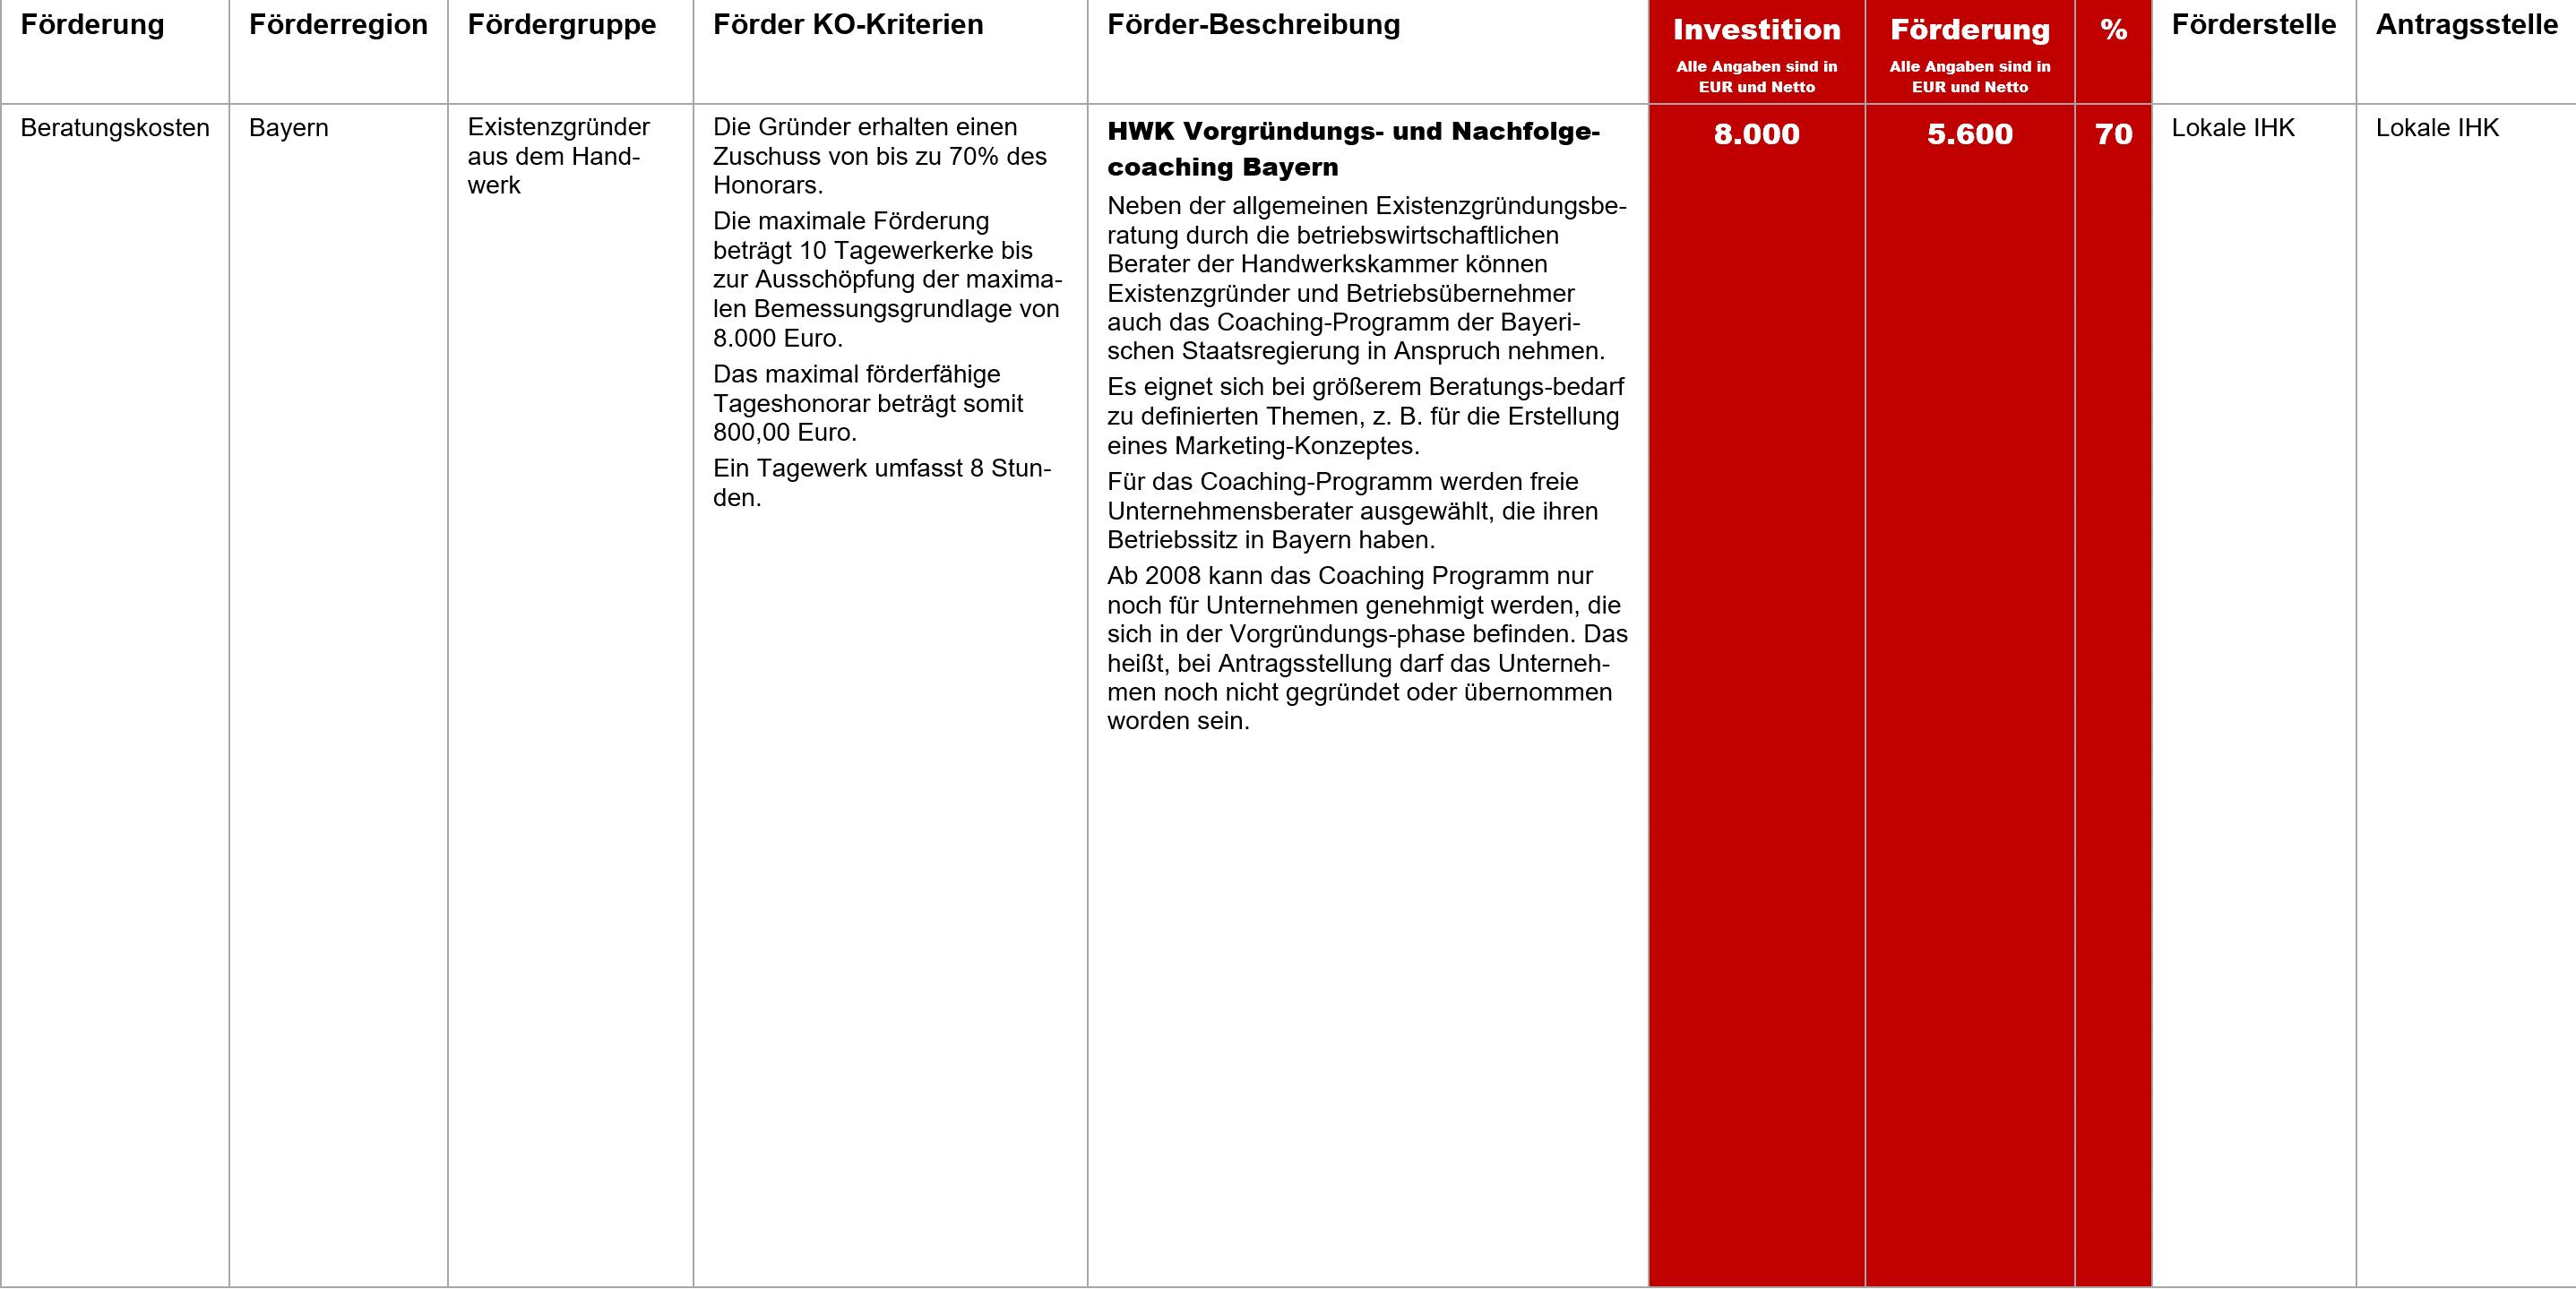 HWK Vorgründungs- und Nachfolgecoaching Bayern, Fördermittel – HWK Vorgründungs- und Nachfolgecoaching Bayern